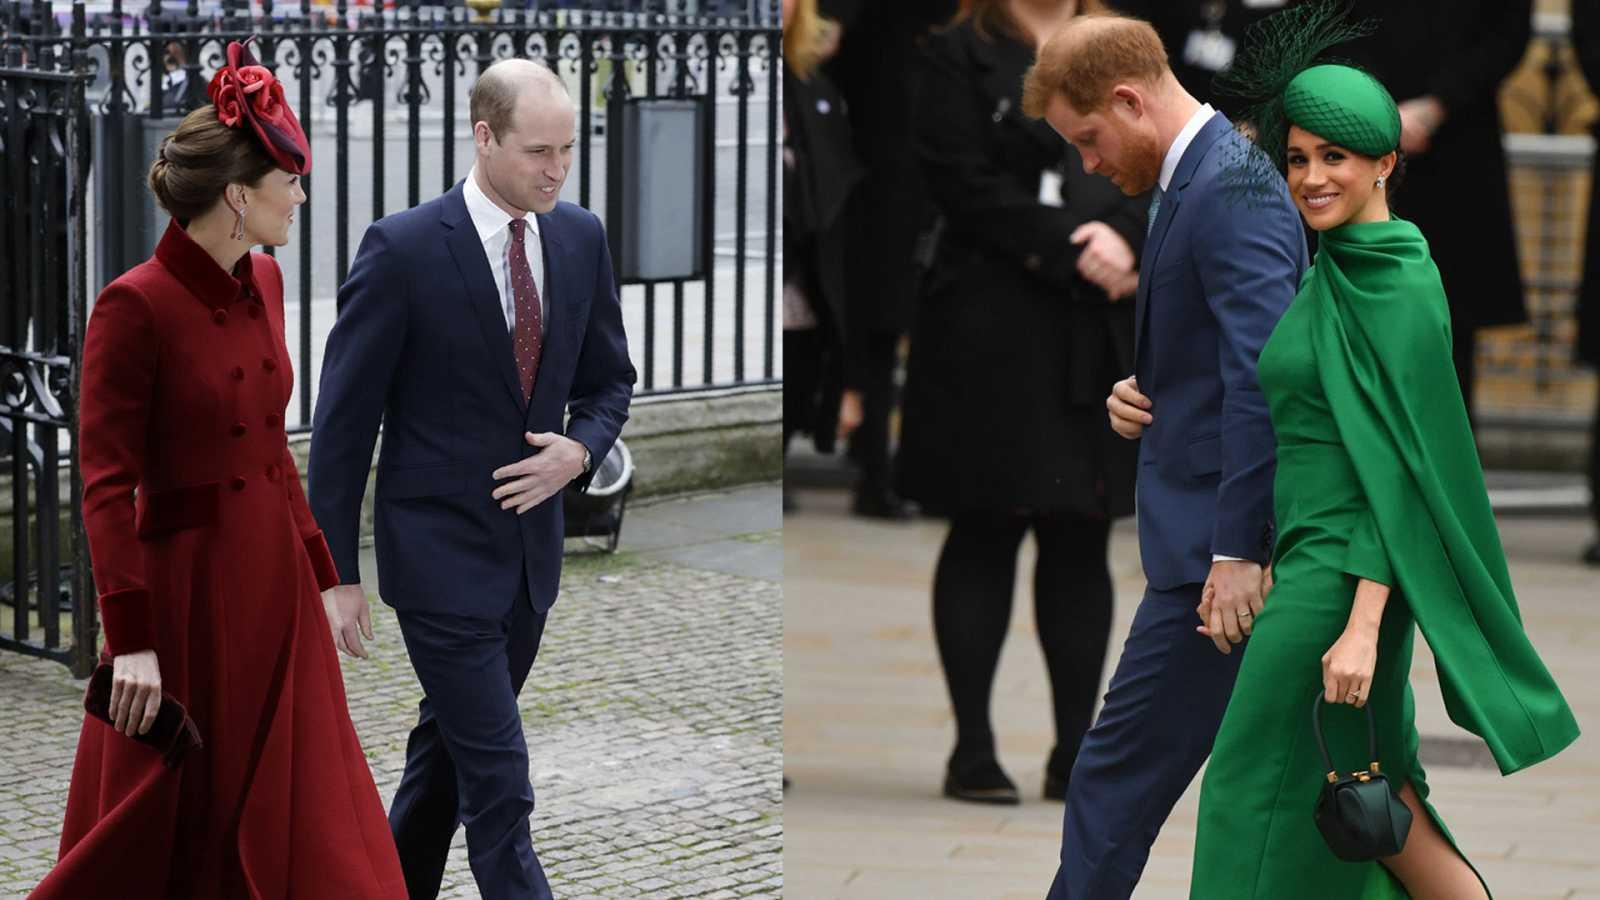 La familia real británica se reúne en Westminster con motivo del día de la Commonwealth